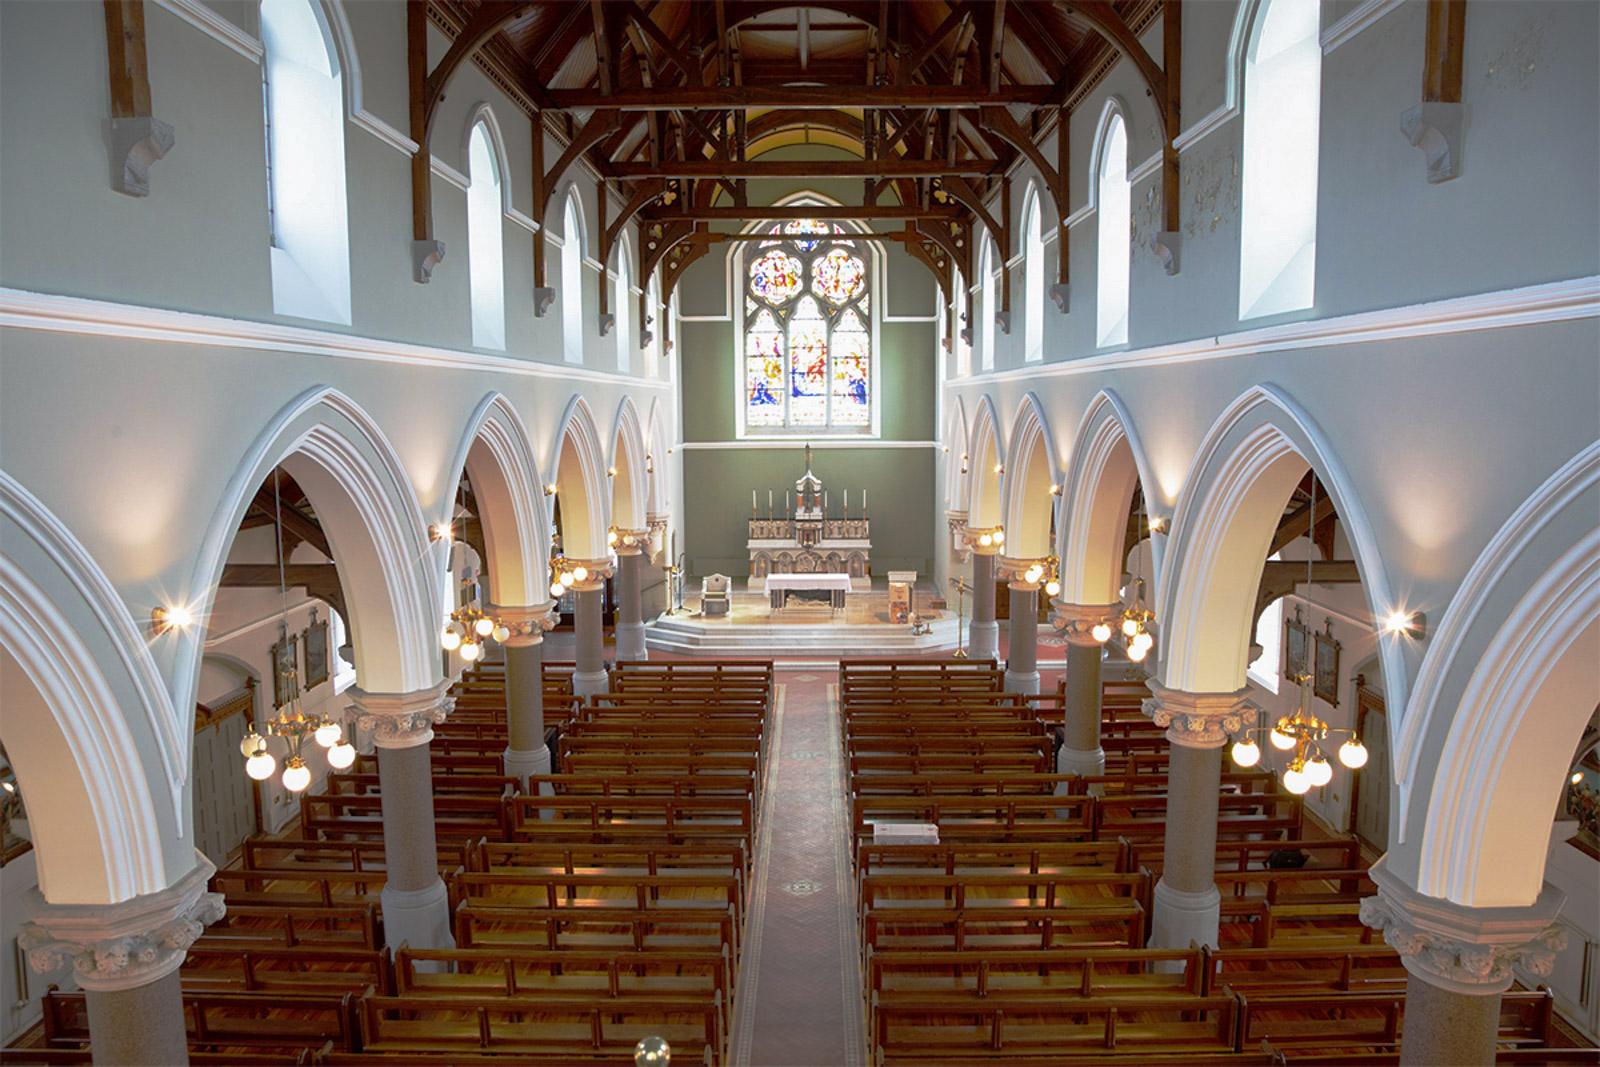 St. Mary's Church, Crosserlough, Co. Cavan